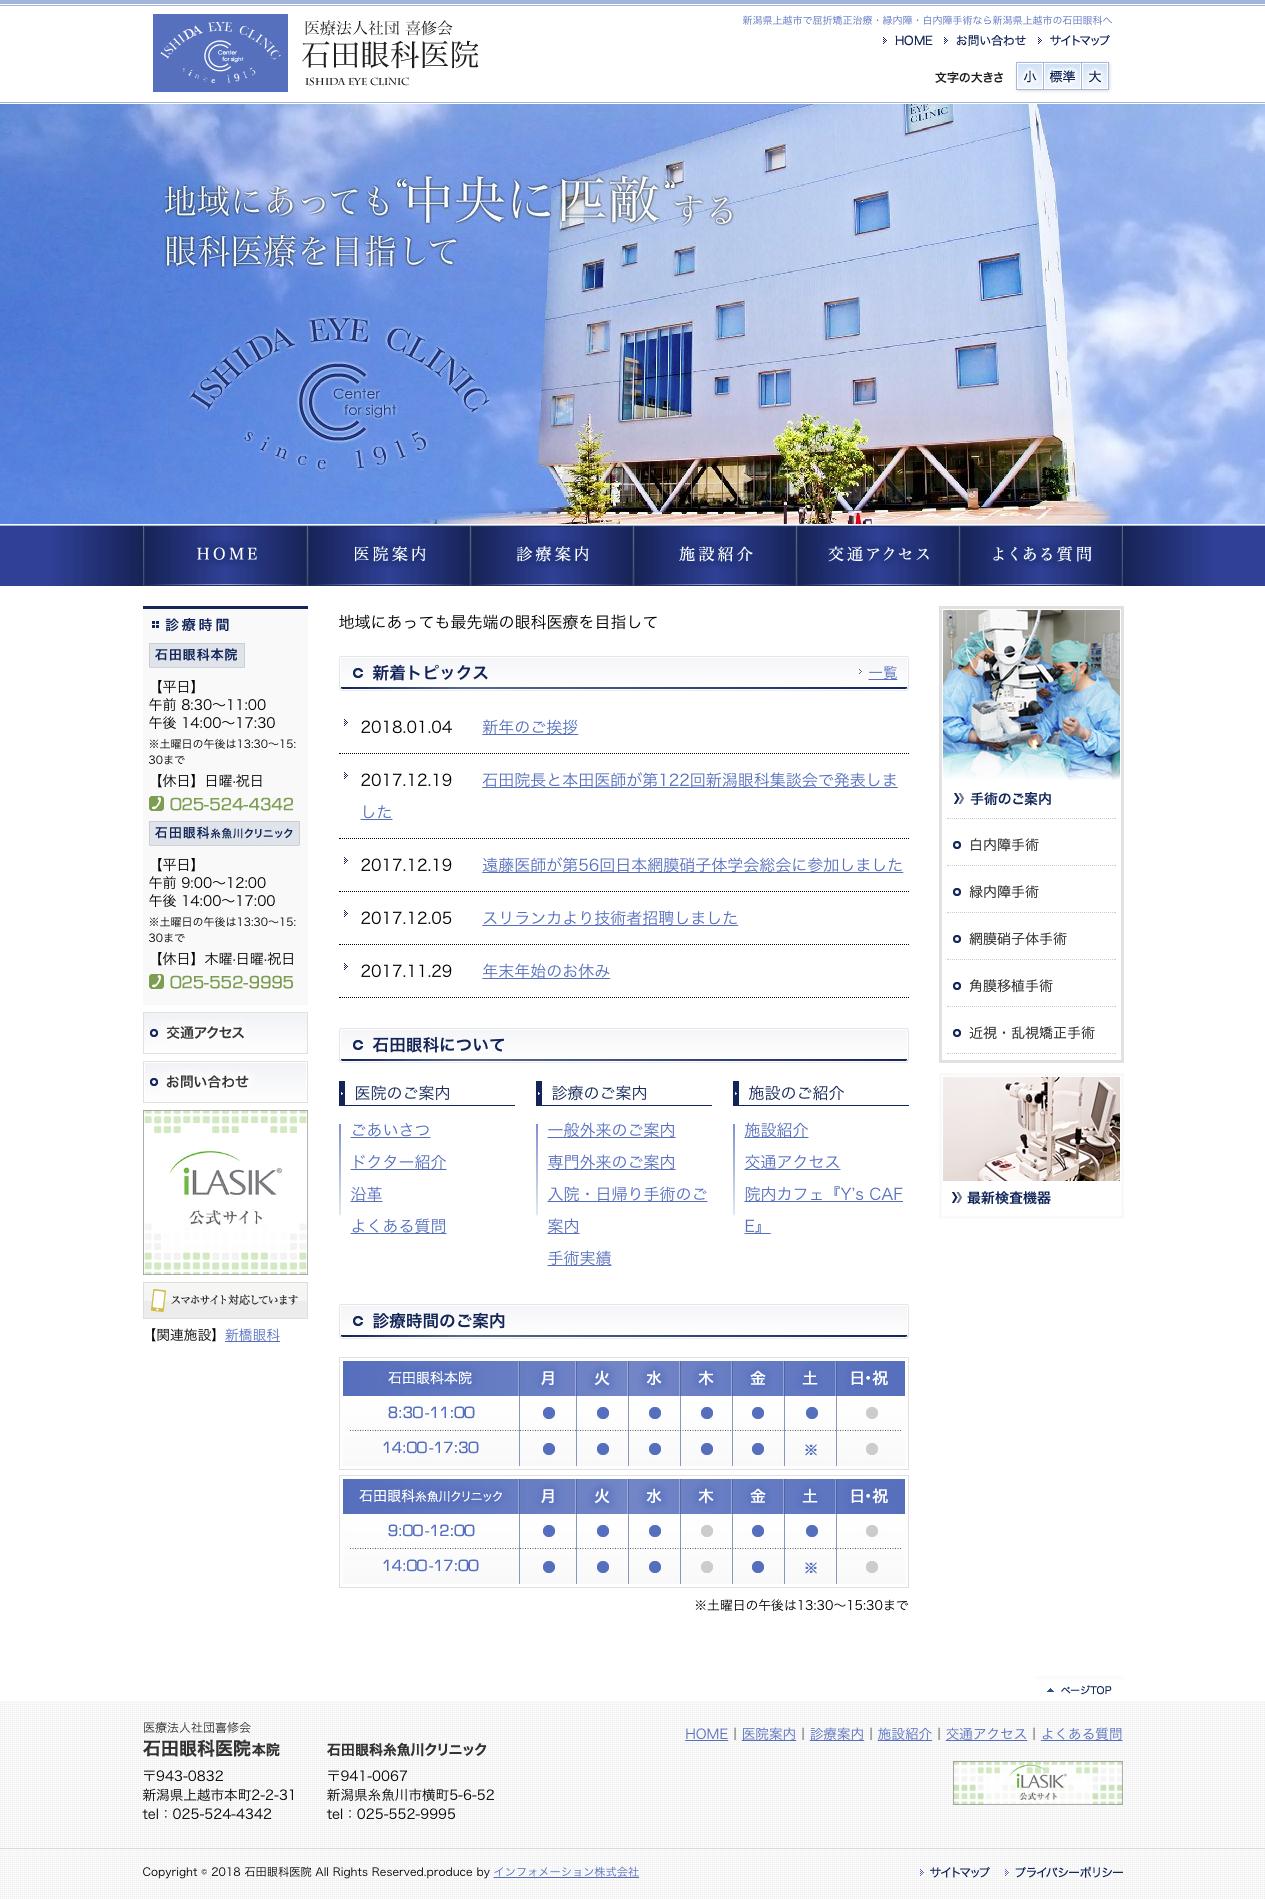 ホームページ制作実績:石田眼科医院 様